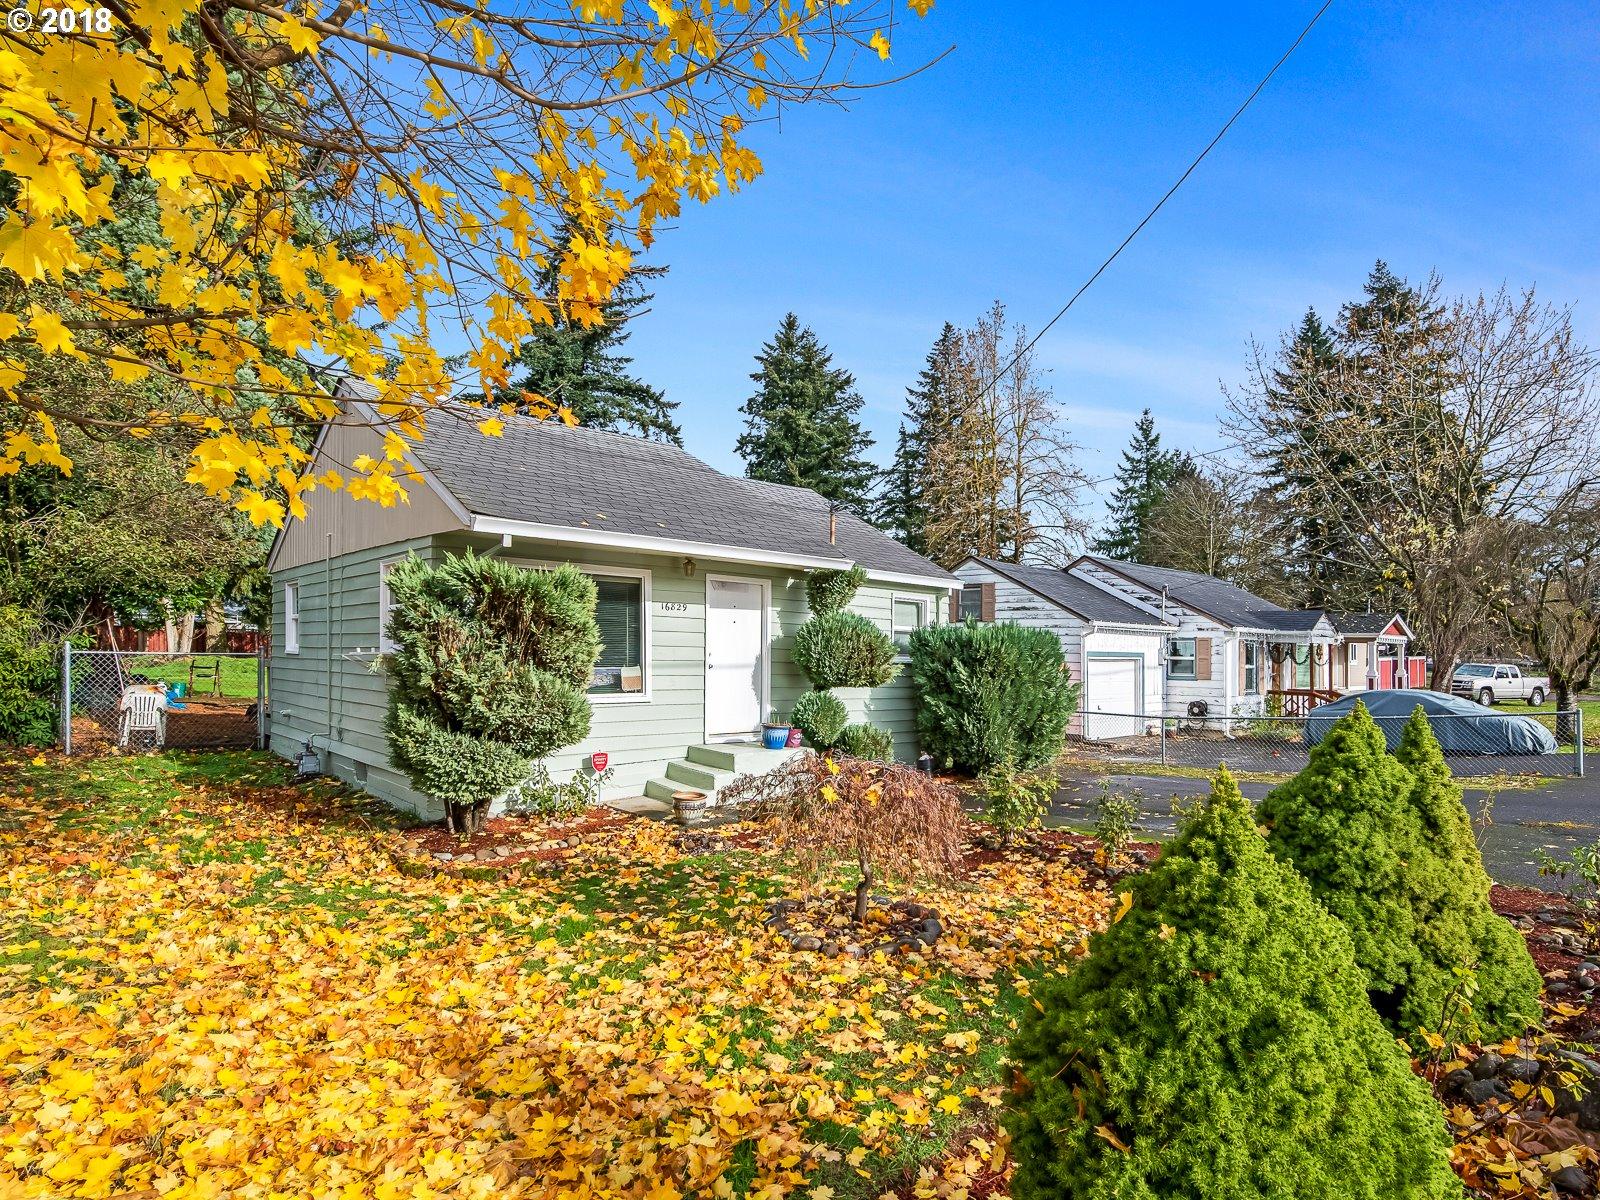 16829 E BURNSIDE ST Portland, OR 97233 - MLS #: 18495531